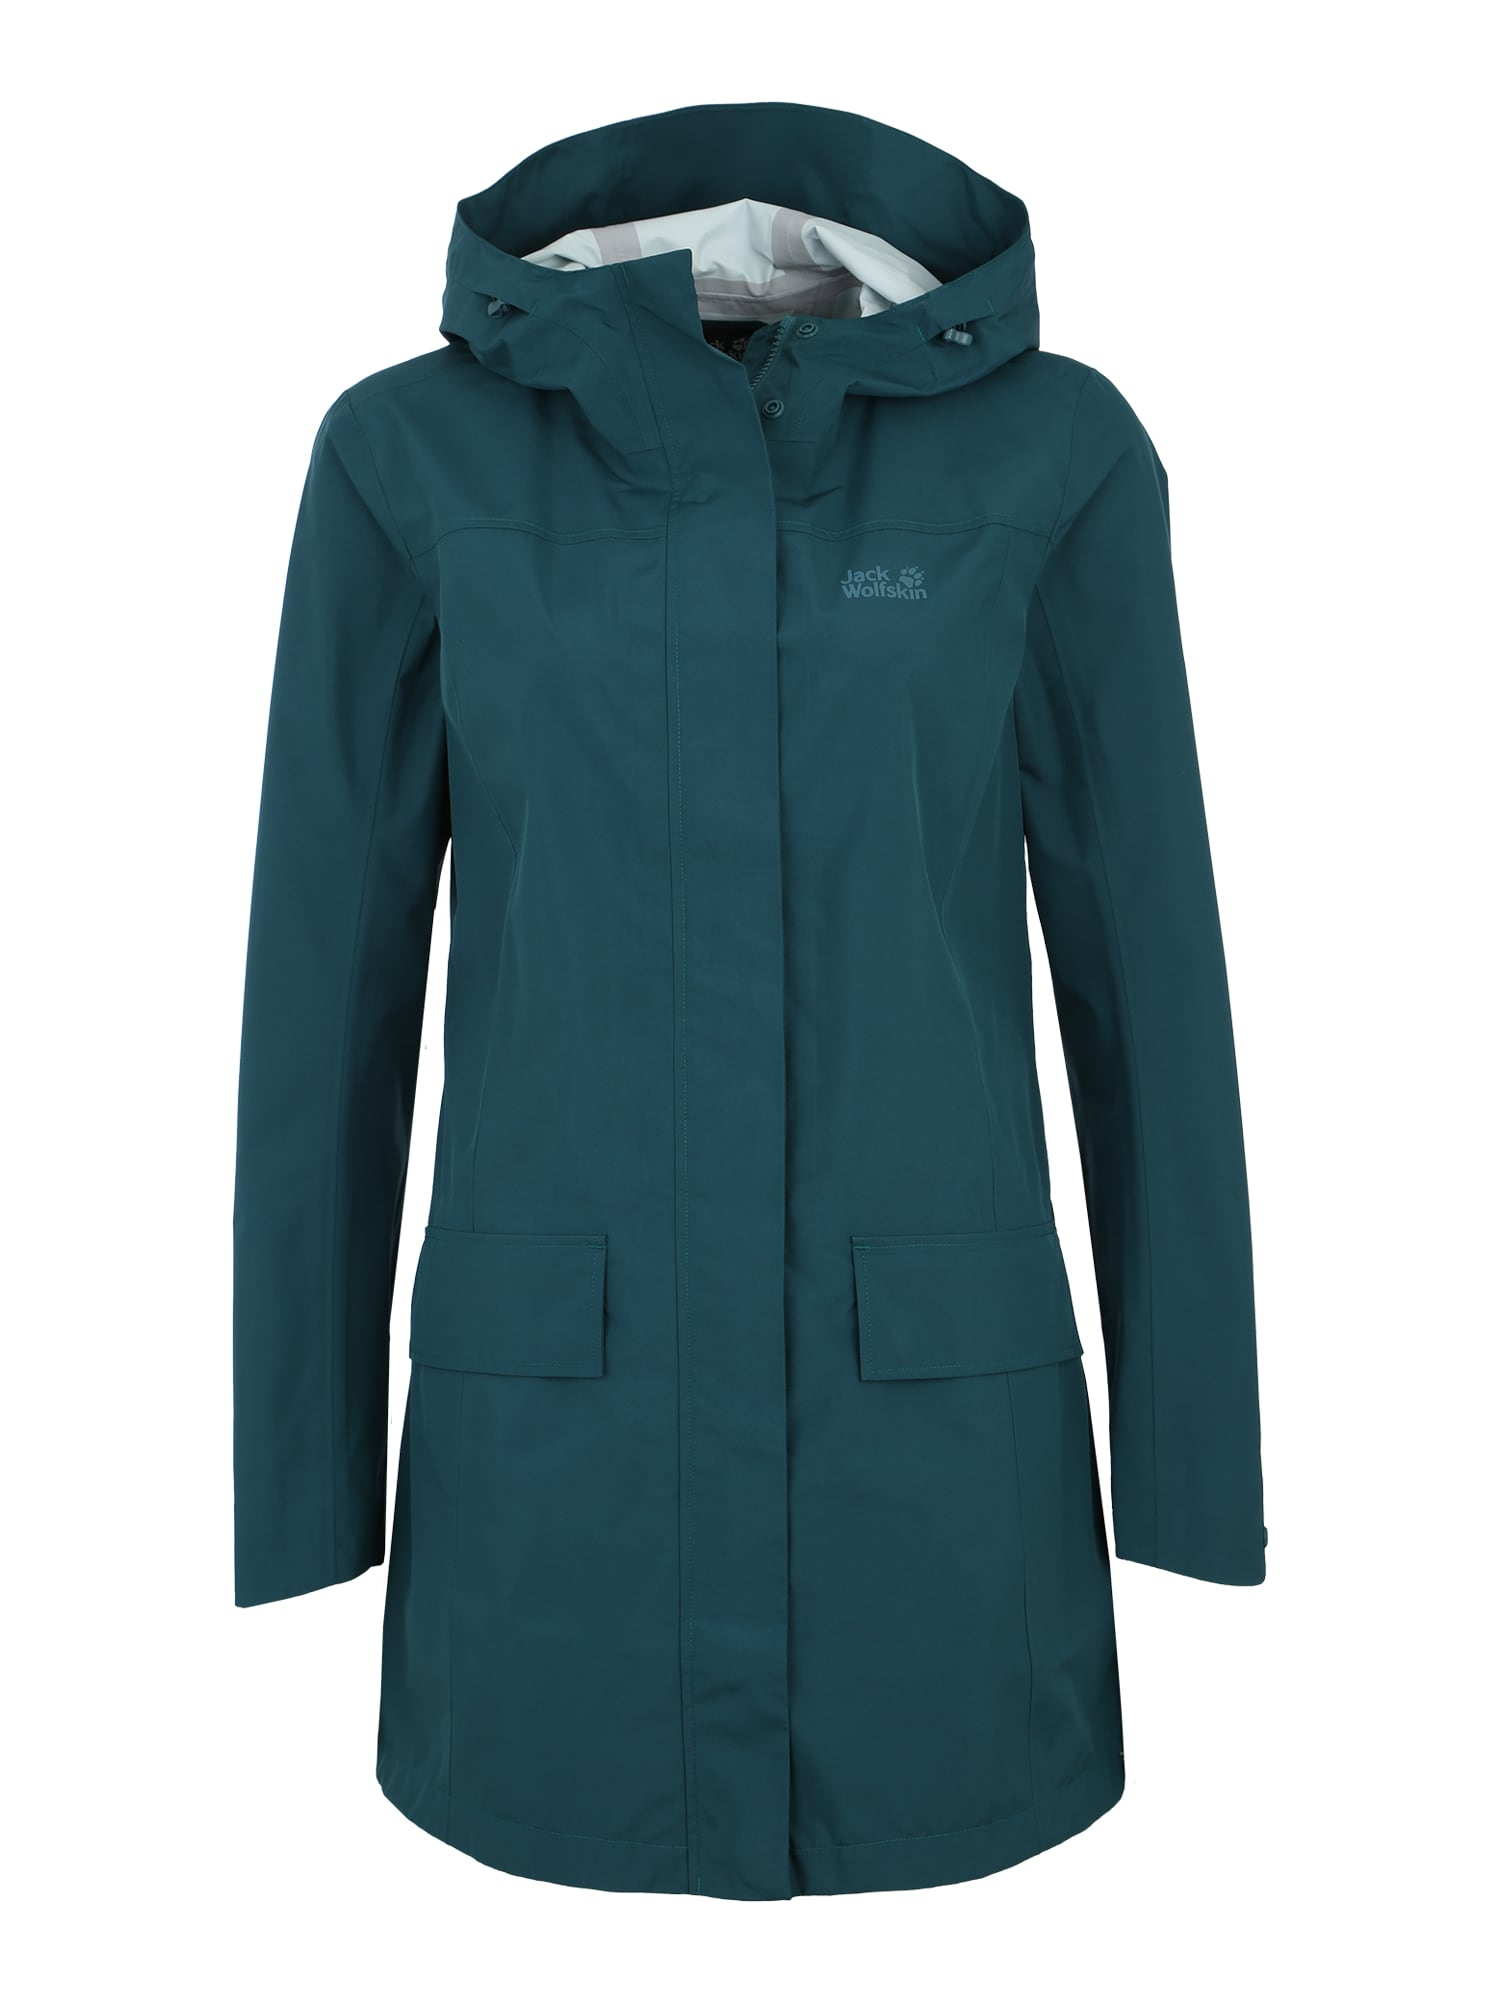 Outdoorový kabát Cape York nefritová JACK WOLFSKIN